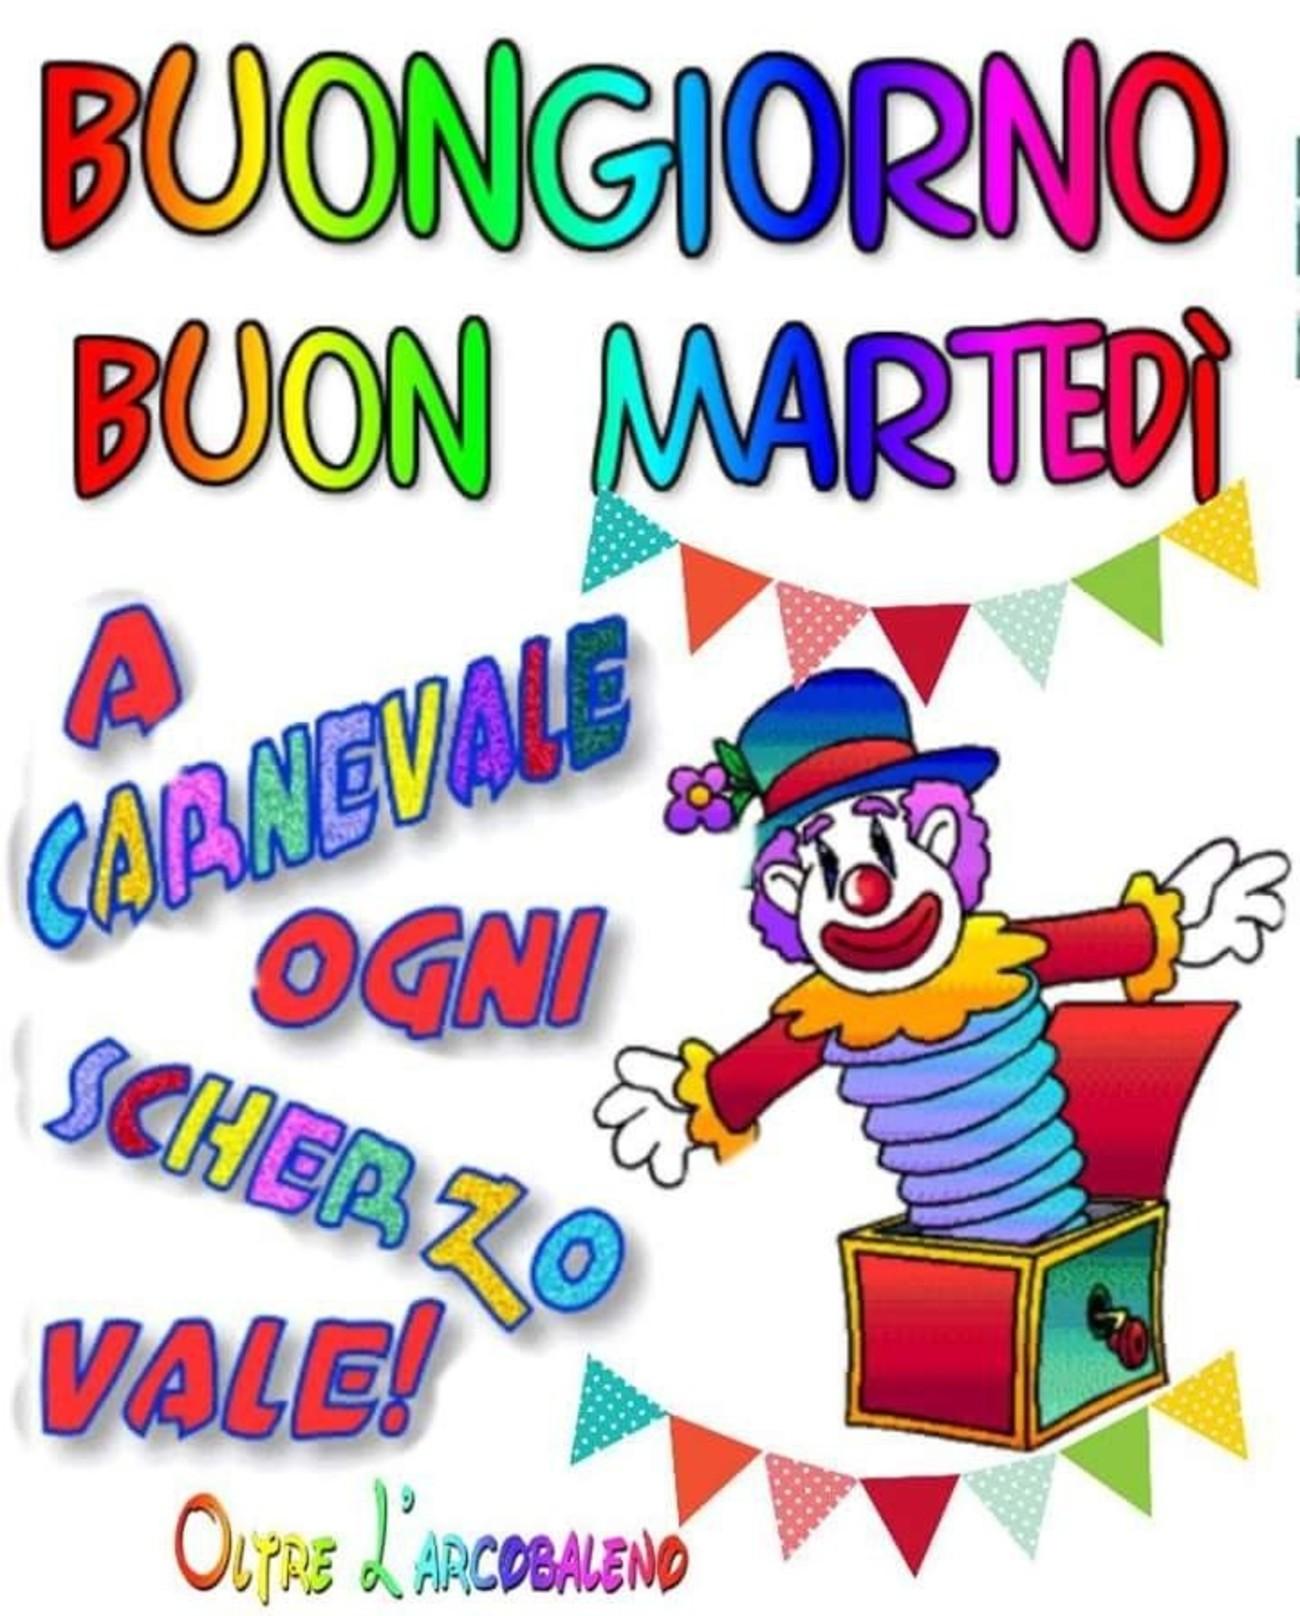 Buon Martedì buongiorno tema Carnevale